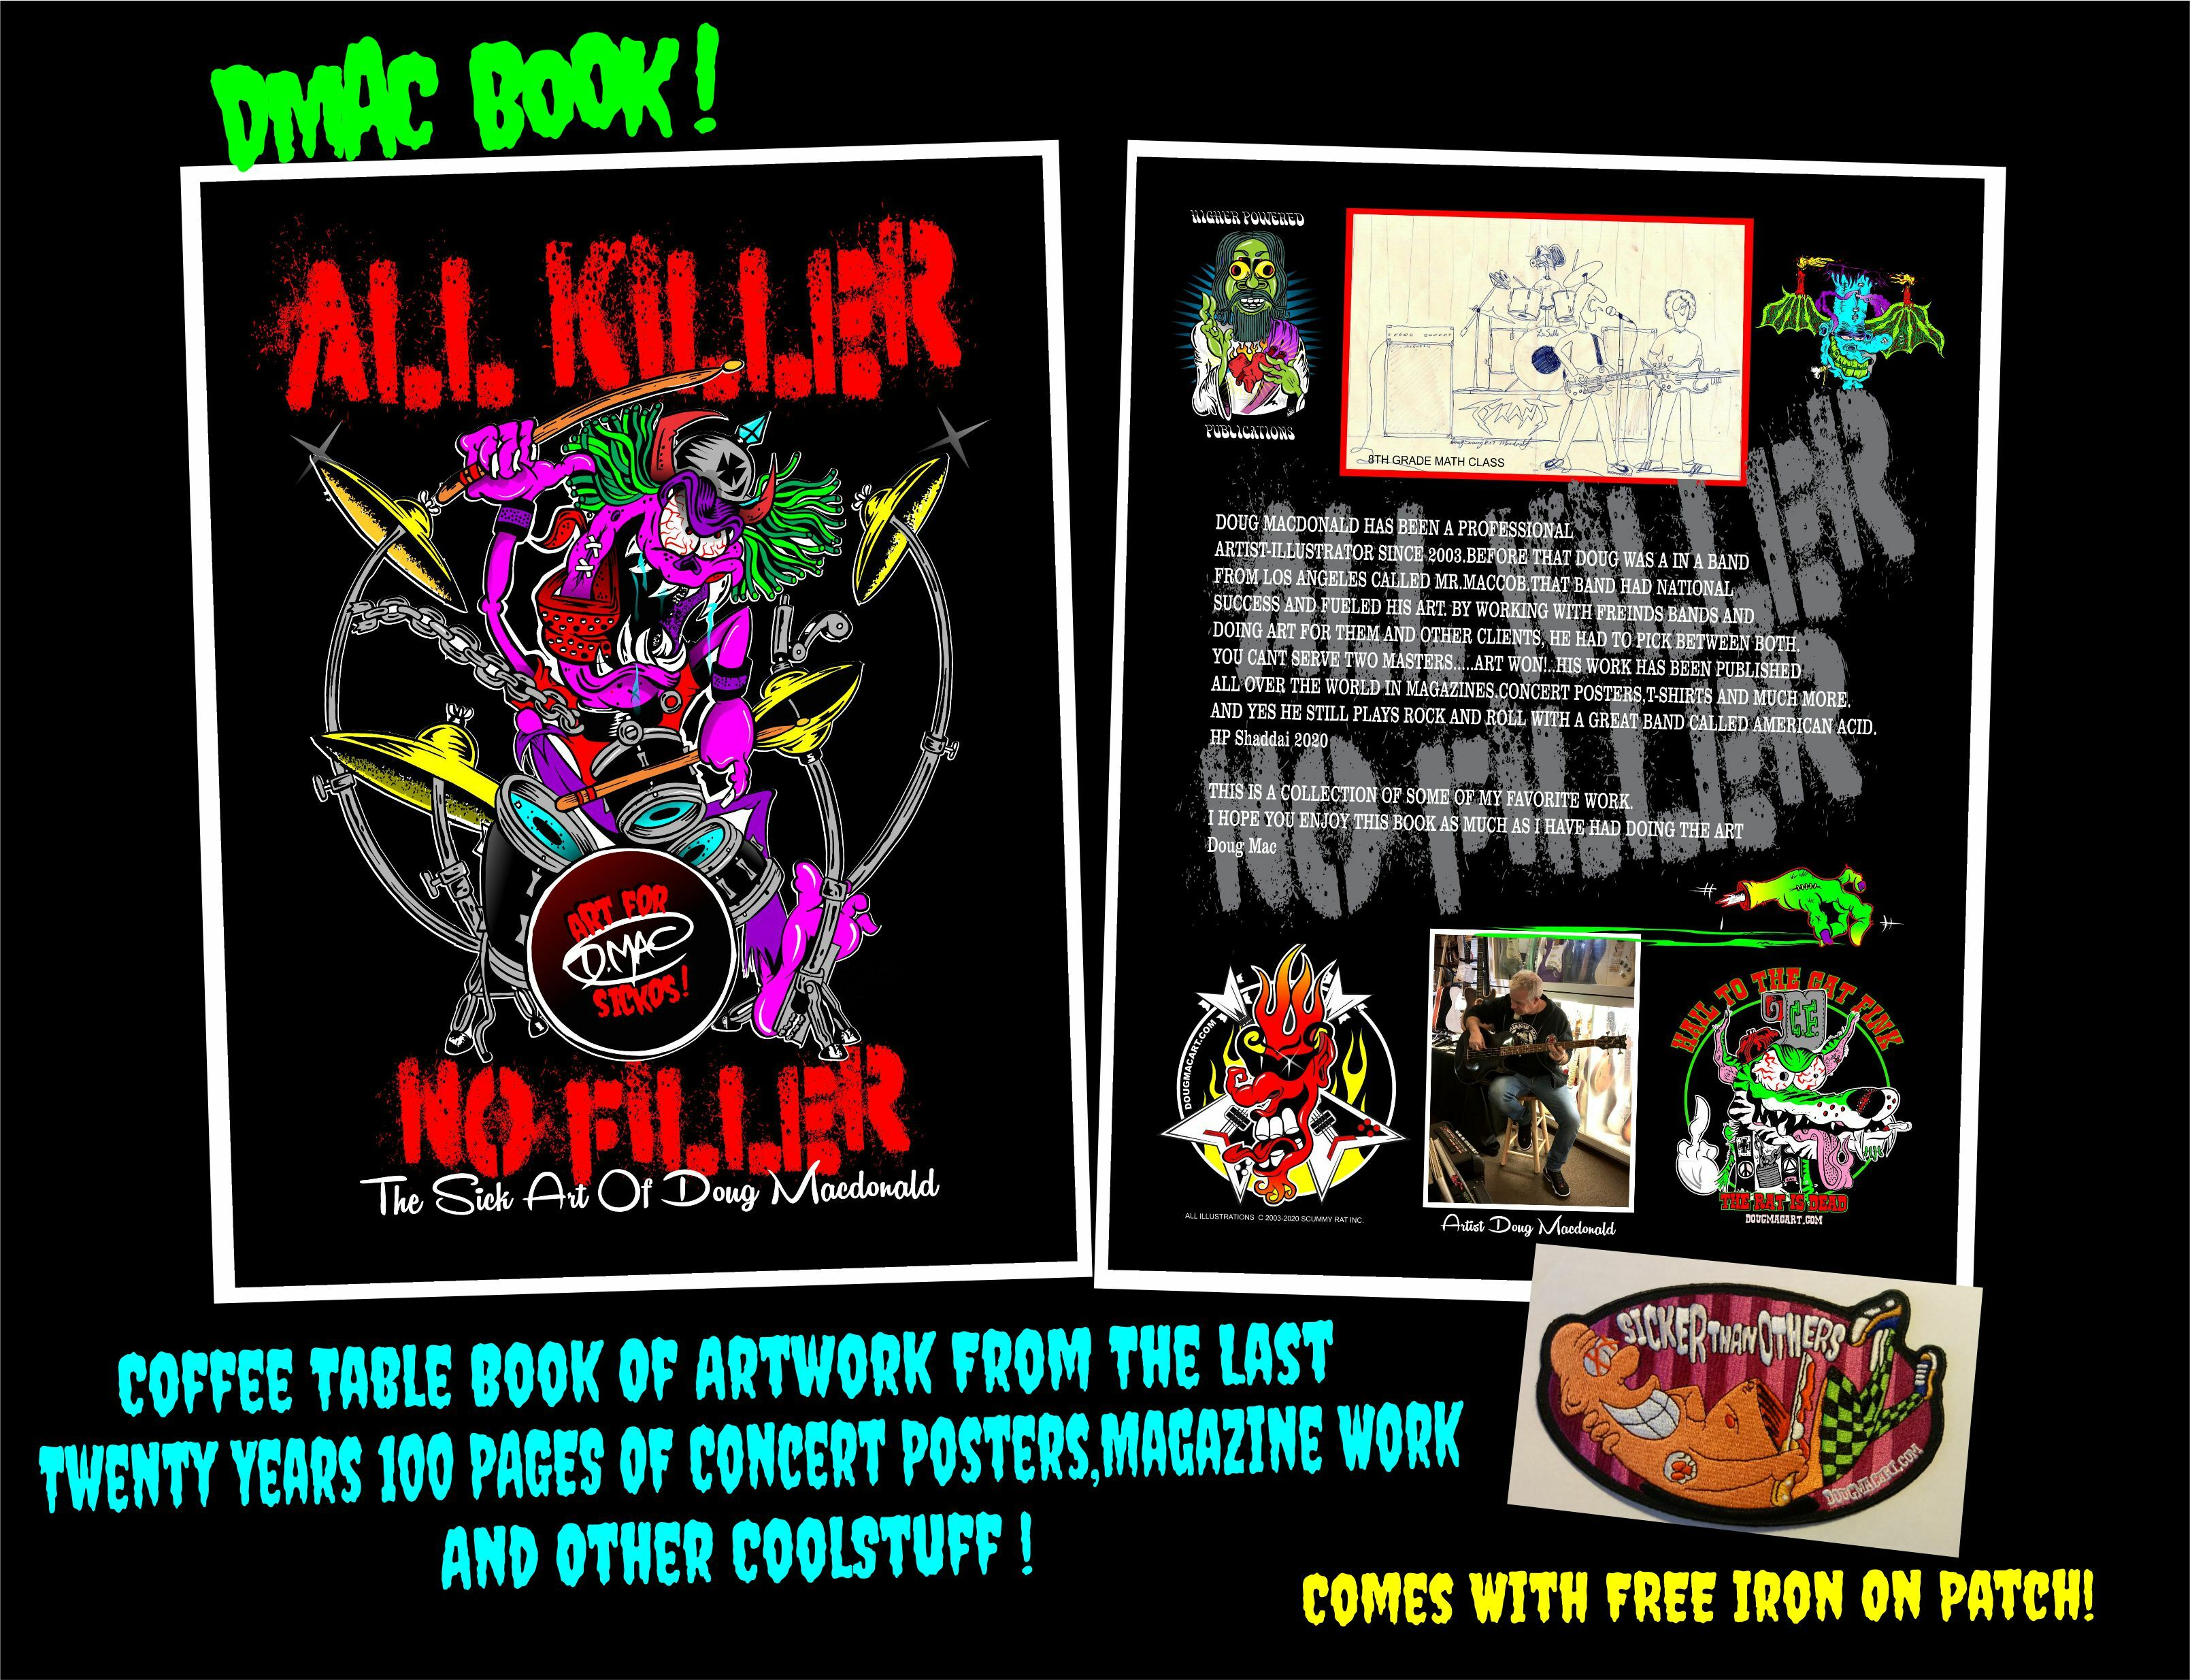 All Killer No Filler 00078